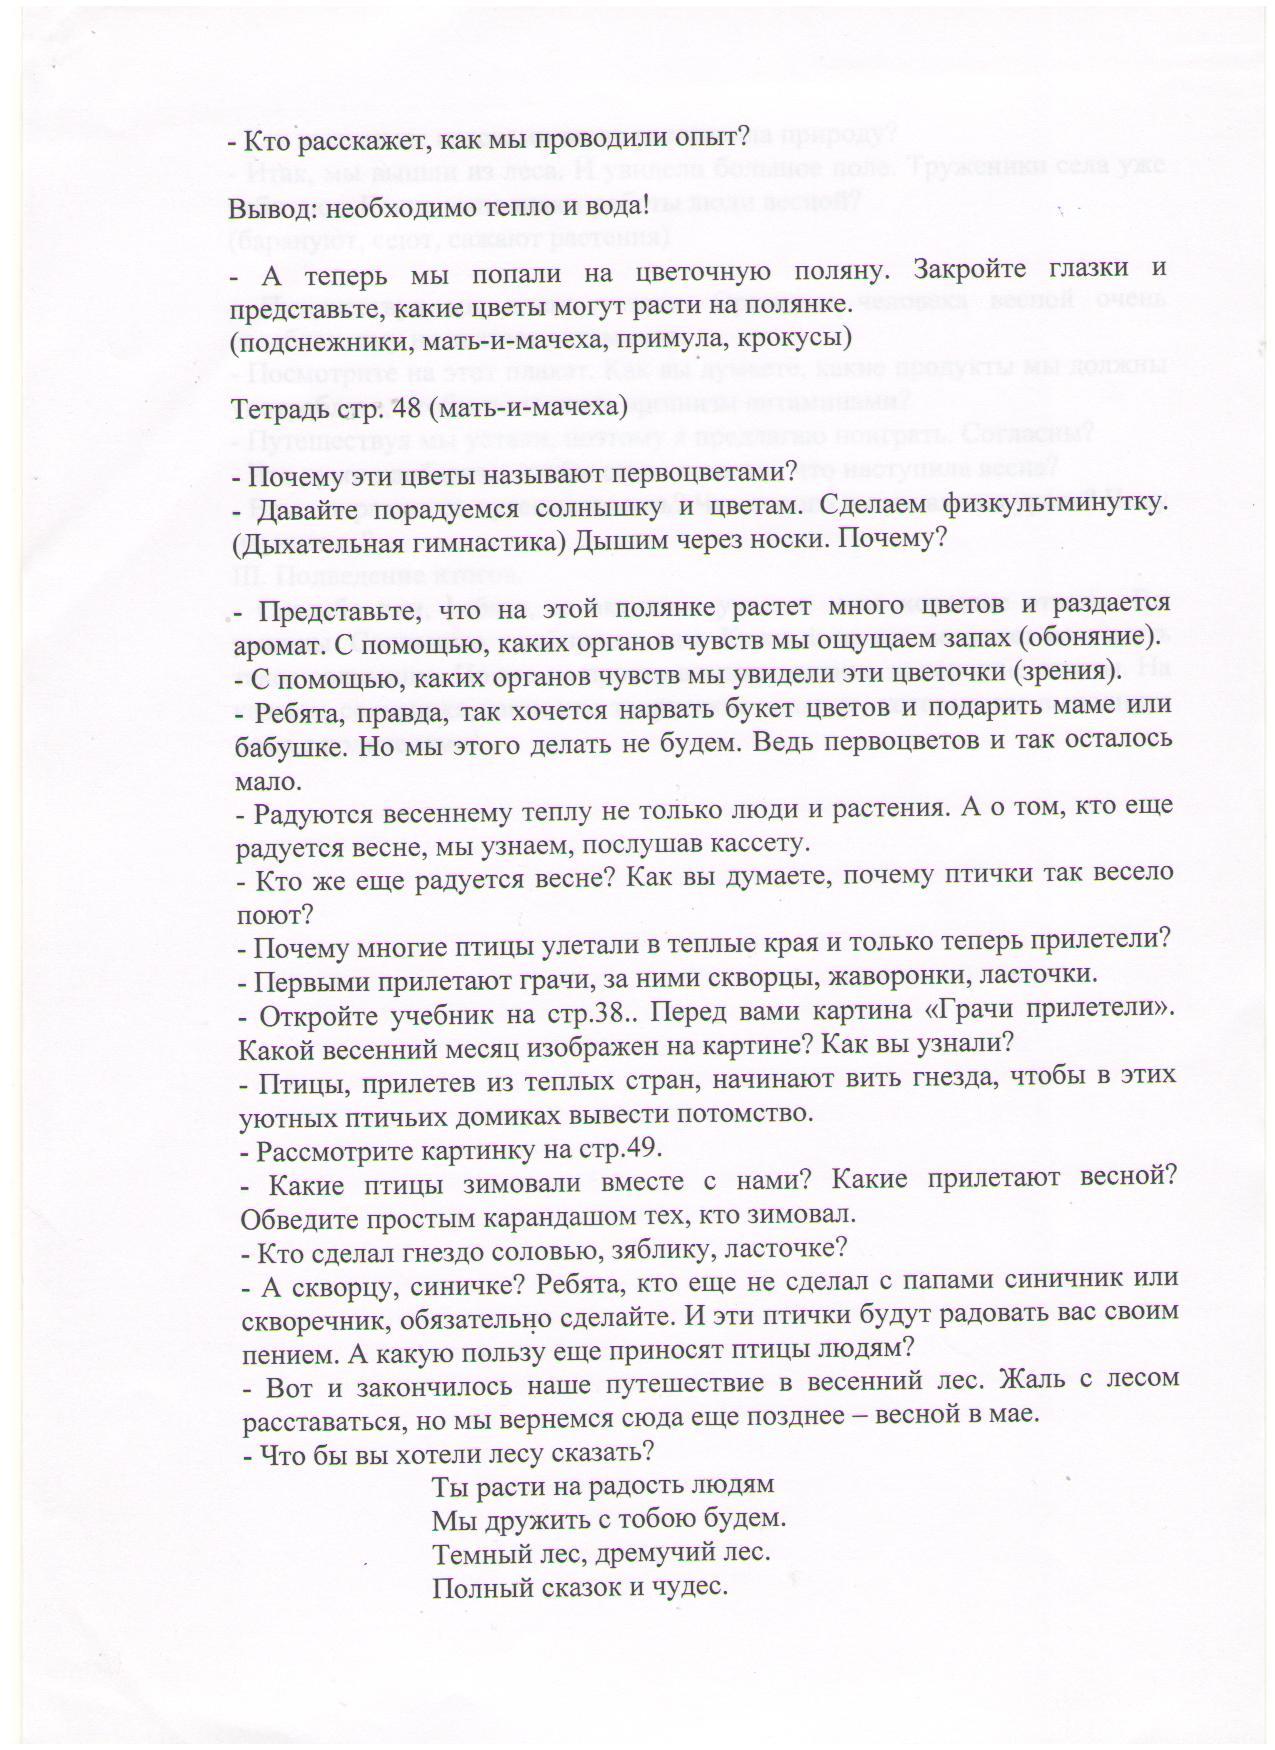 C:\Documents and Settings\user\Мои документы\Мои рисунки\2\2 043.jpg